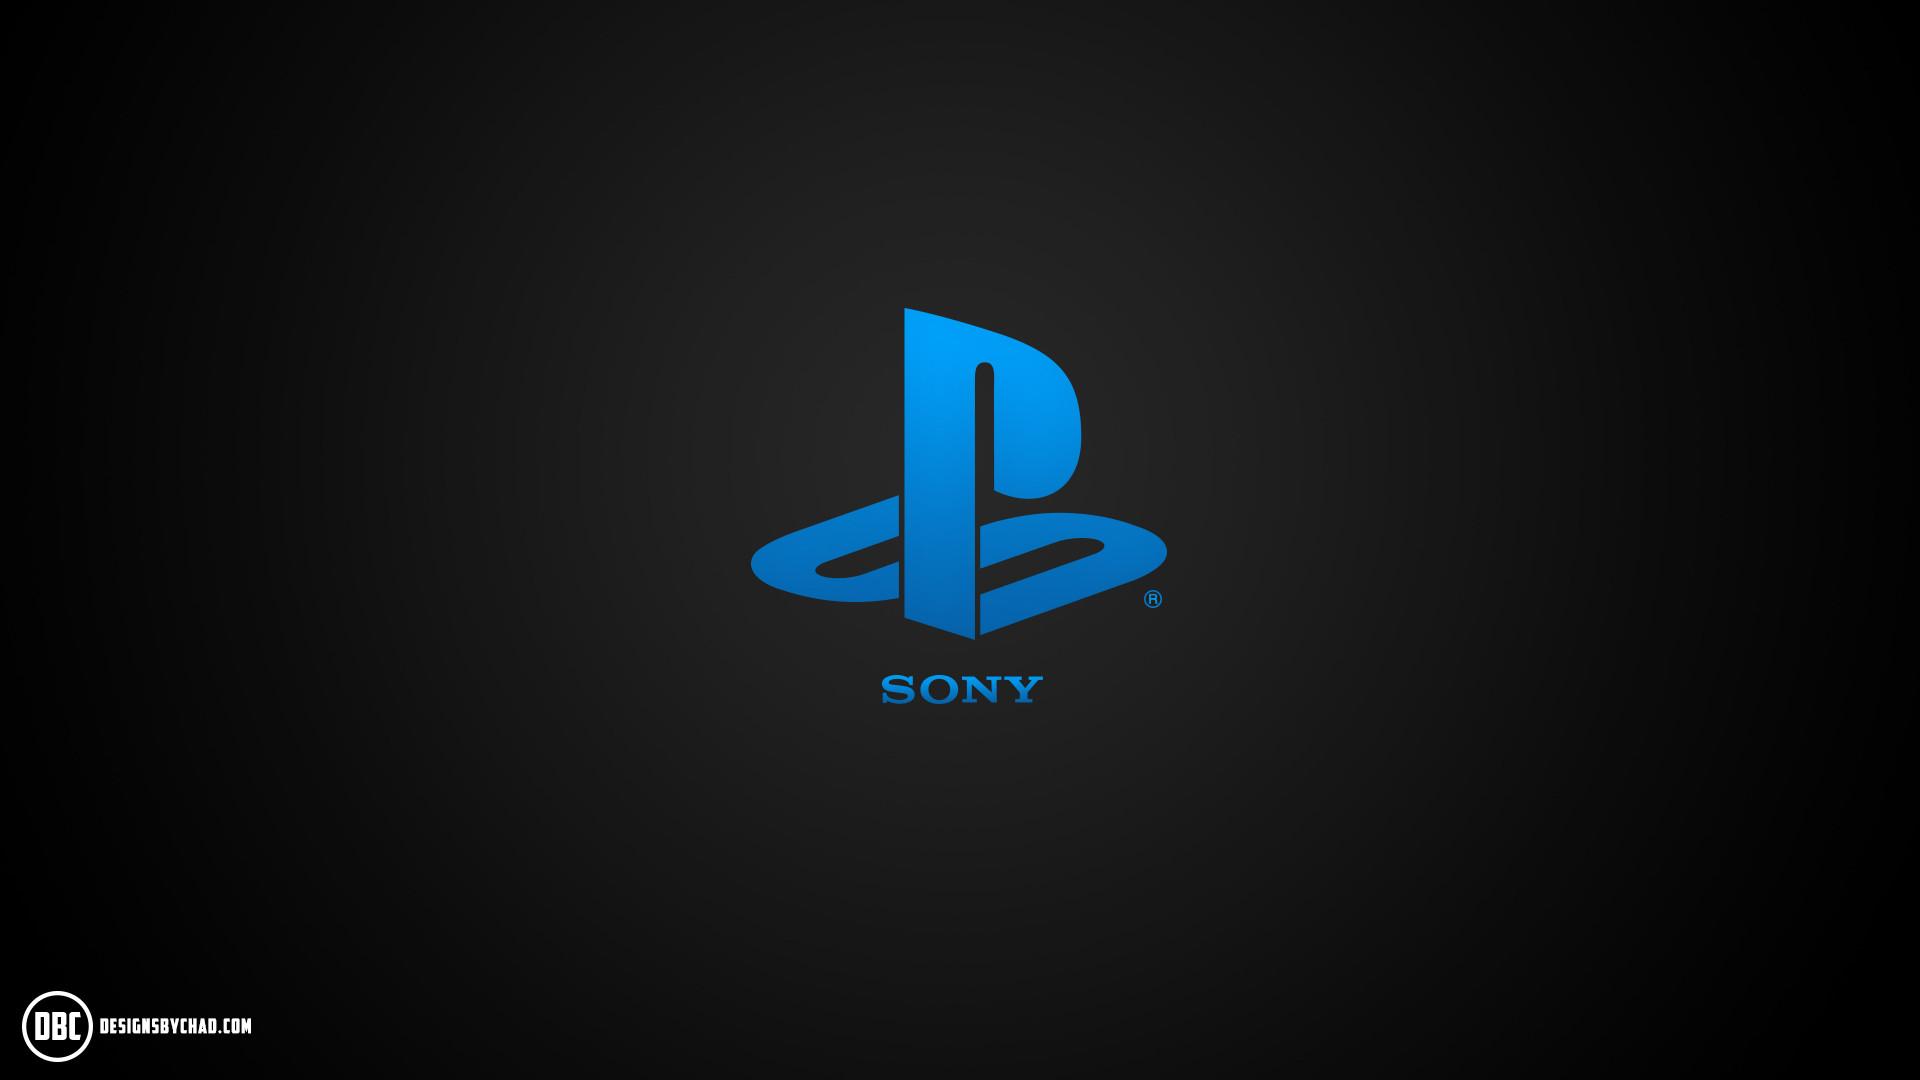 Playstation 4. Playstation Wallpaper …